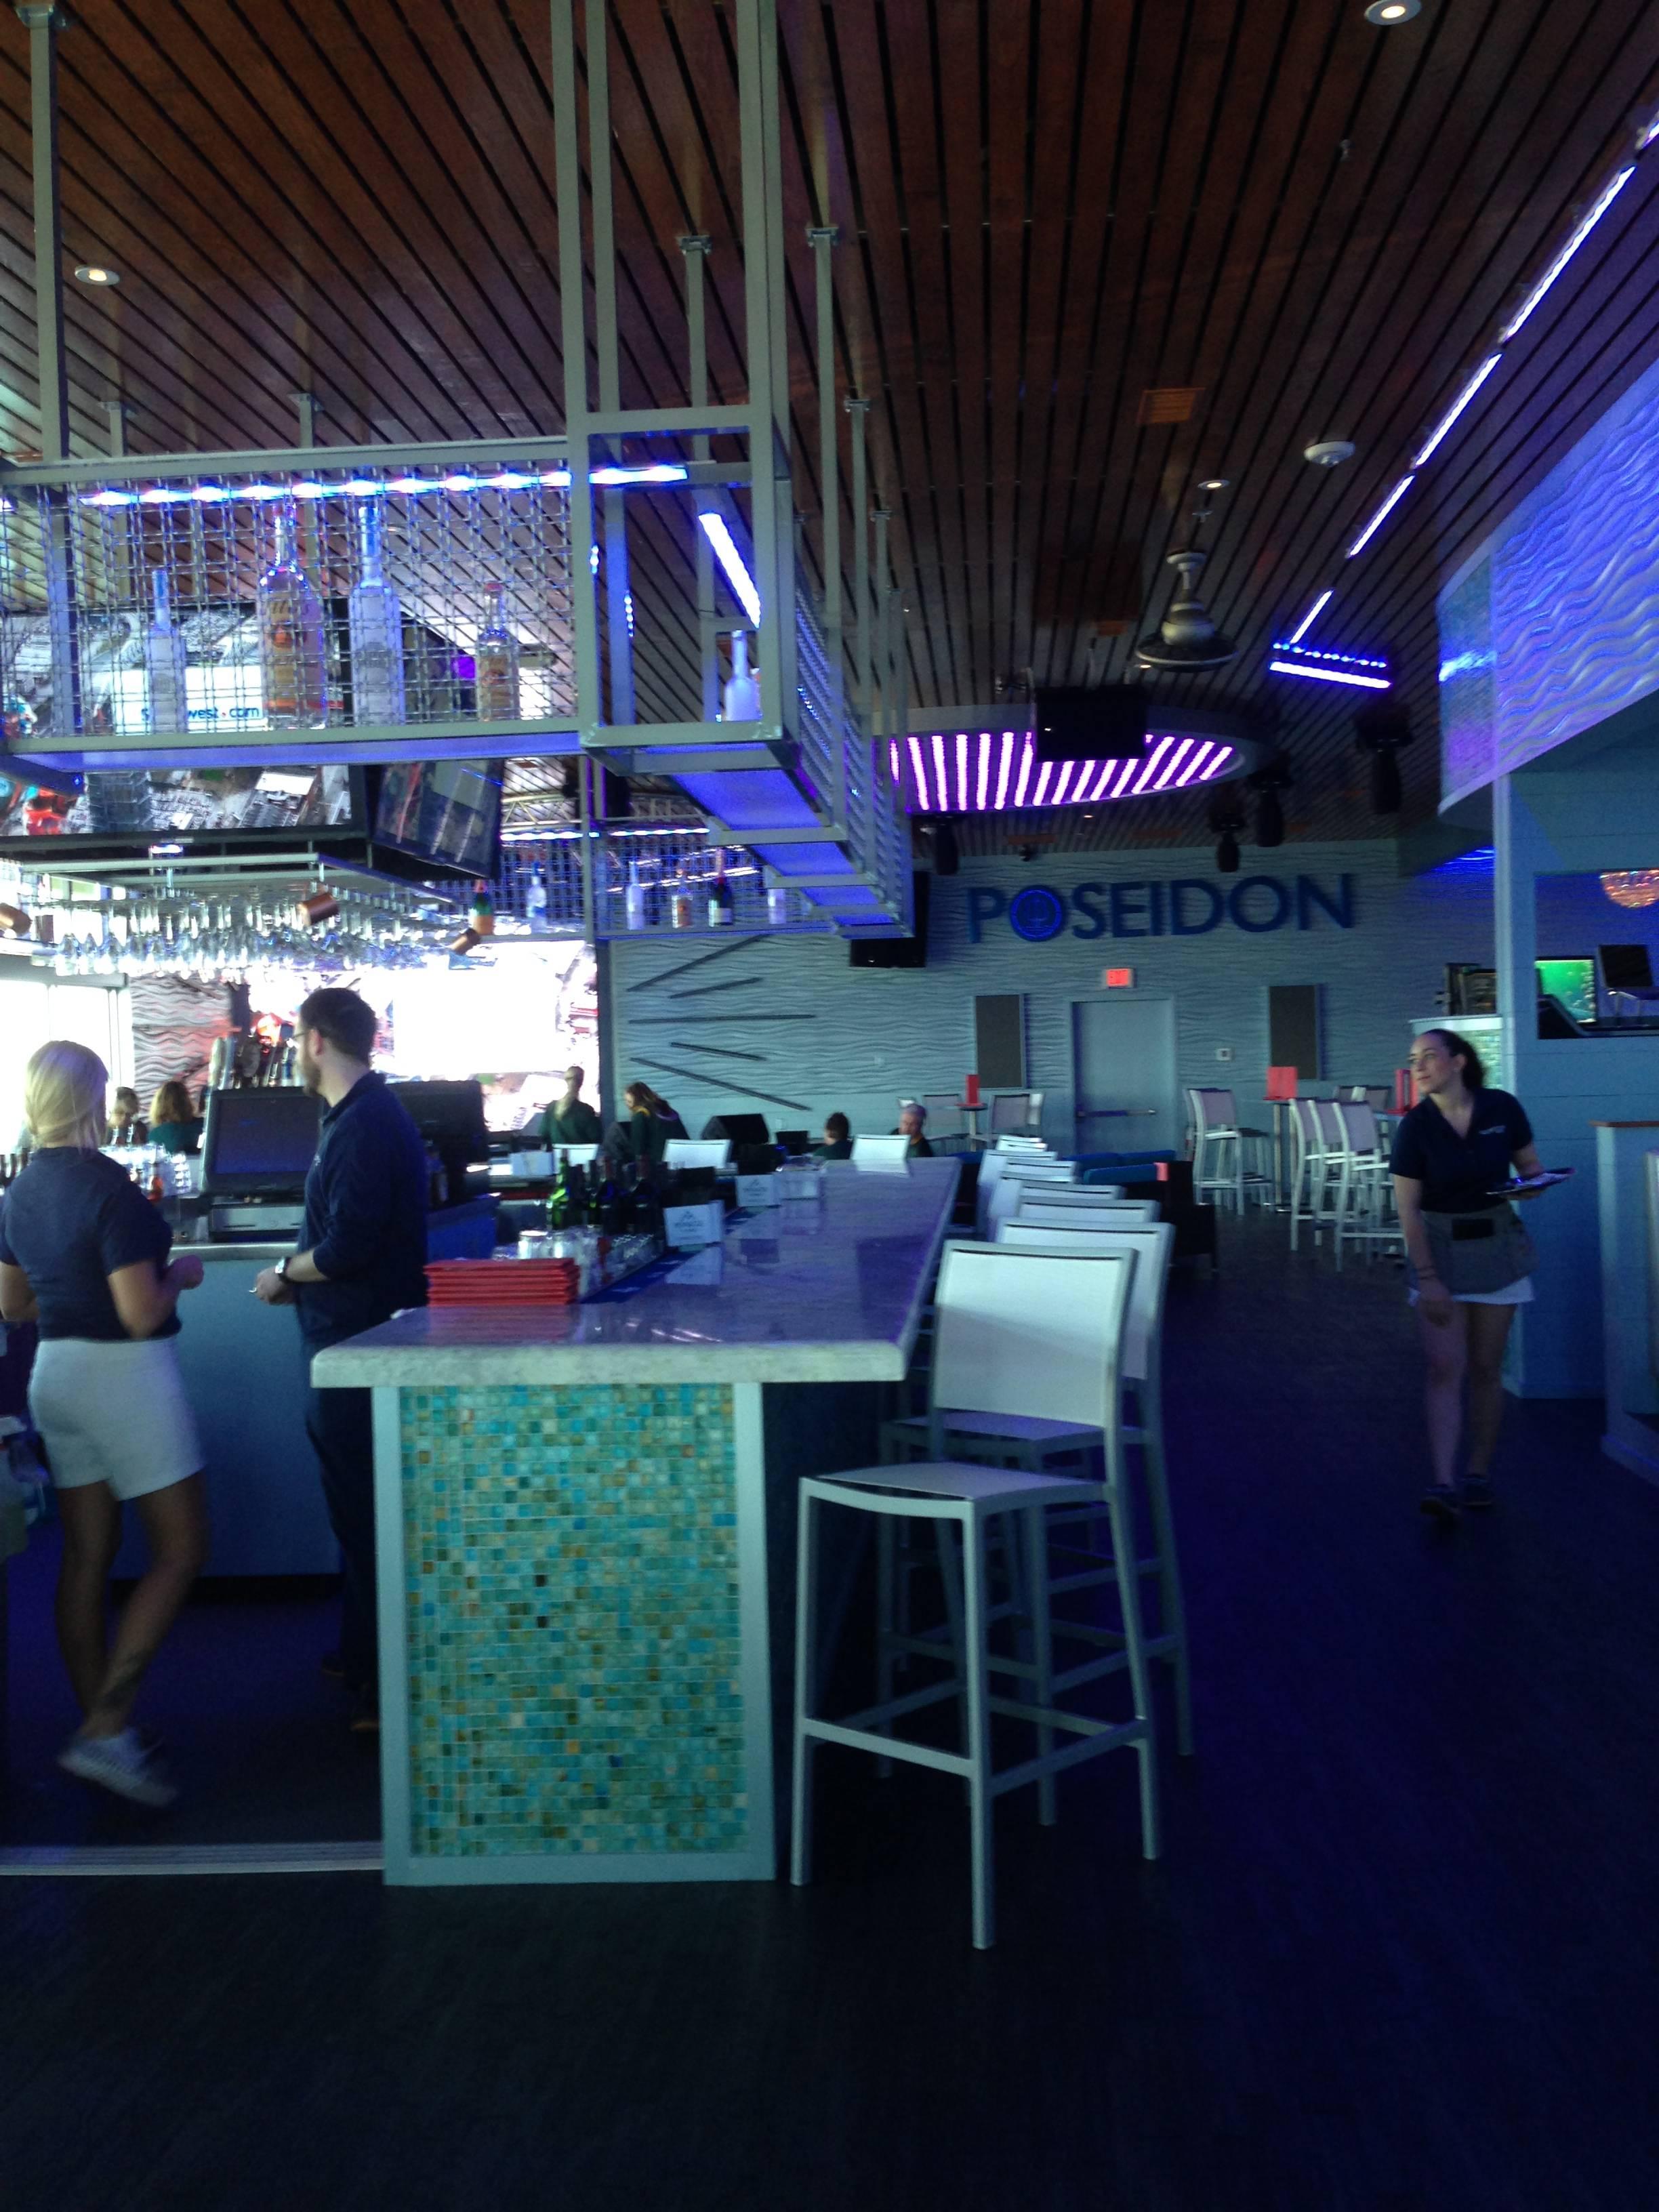 20 000 Leagues Over The Sea Poseidon New Restaurant On Hilton Head